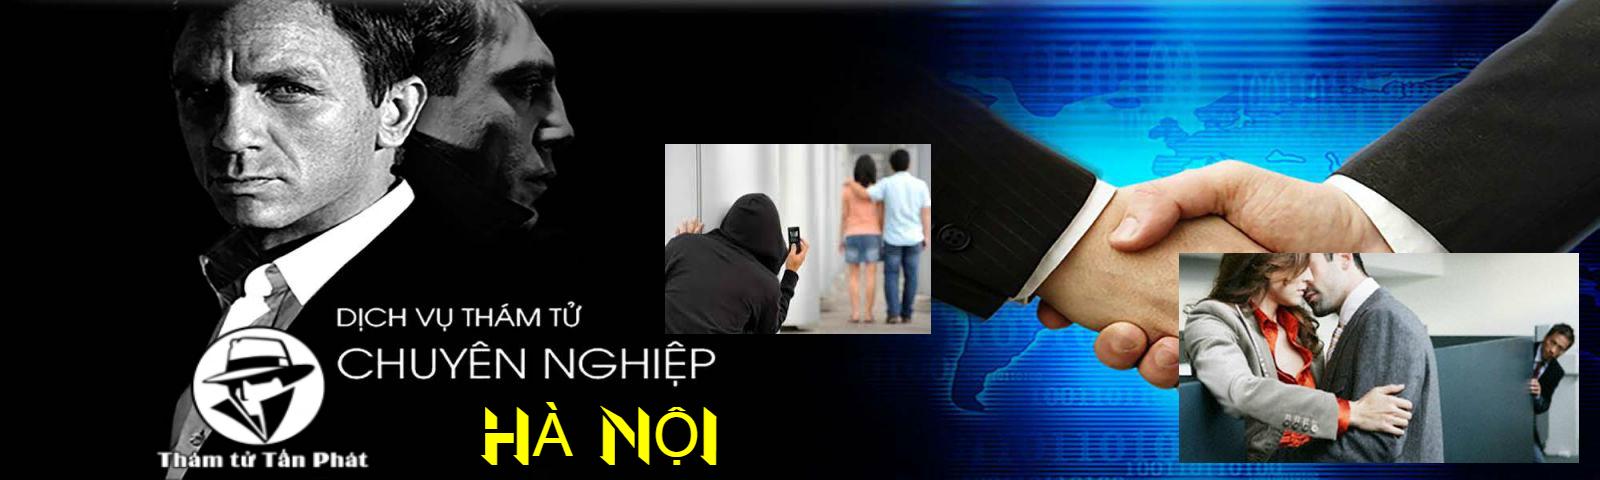 Dịch vụ thám tử Hà Nội - Thám tử quận Hoàn Kiếm uy tín, chuyên nghiệp